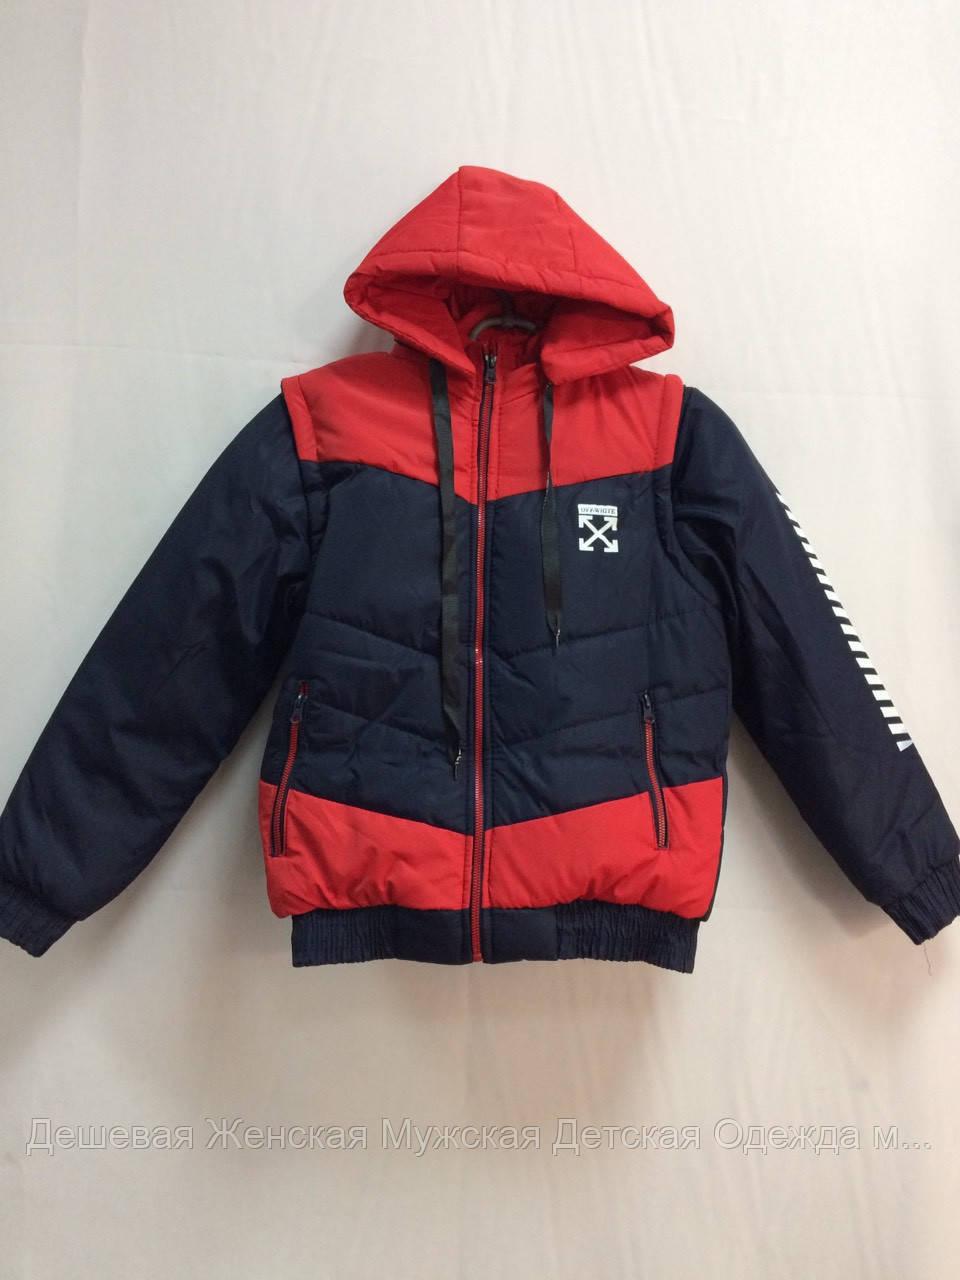 Куртка дитяча, зима